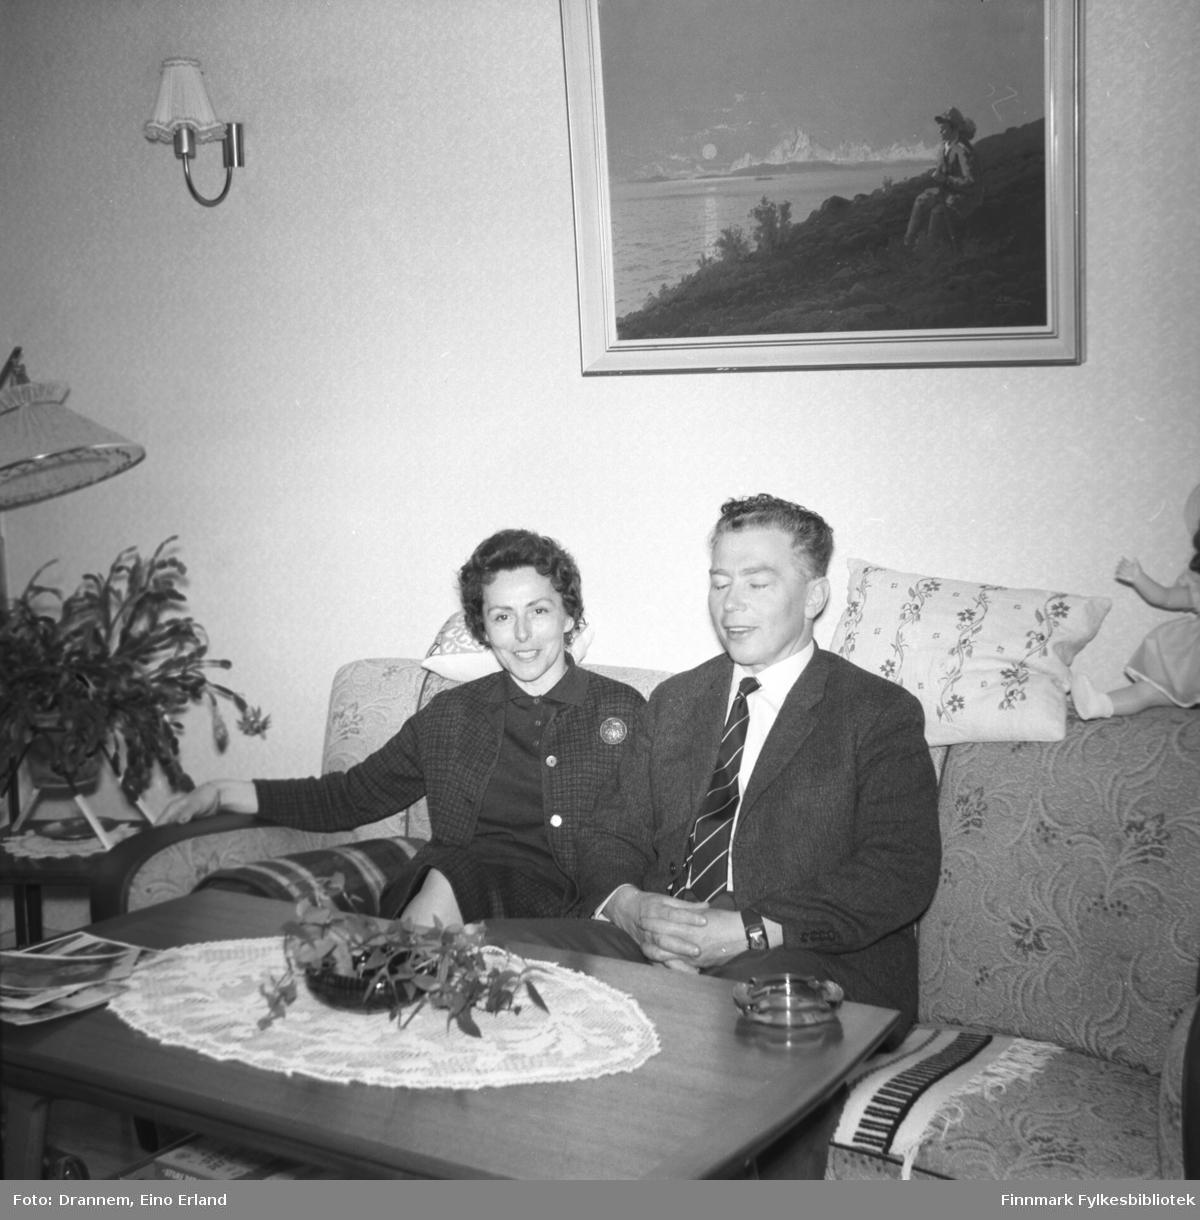 Berna og Kasper Gabrielsen sitter i sofaen hjemme hos familien Drannem i Hammerfest.